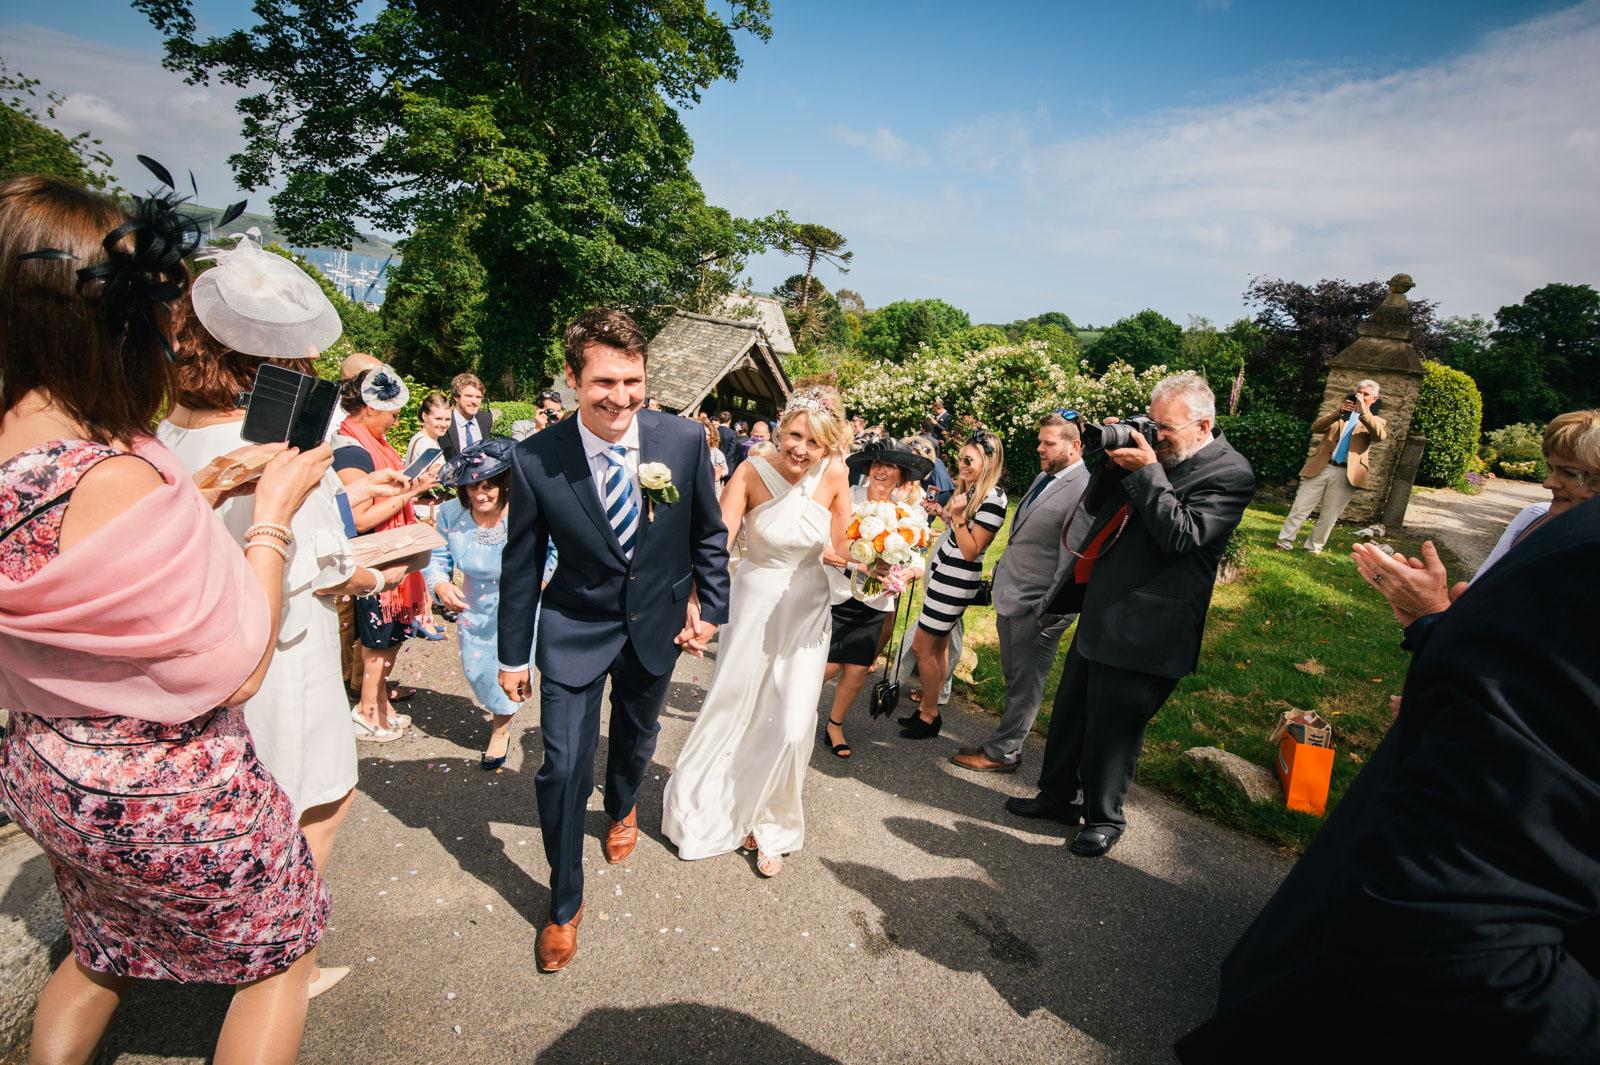 mylor-church-wedding-63.jpg